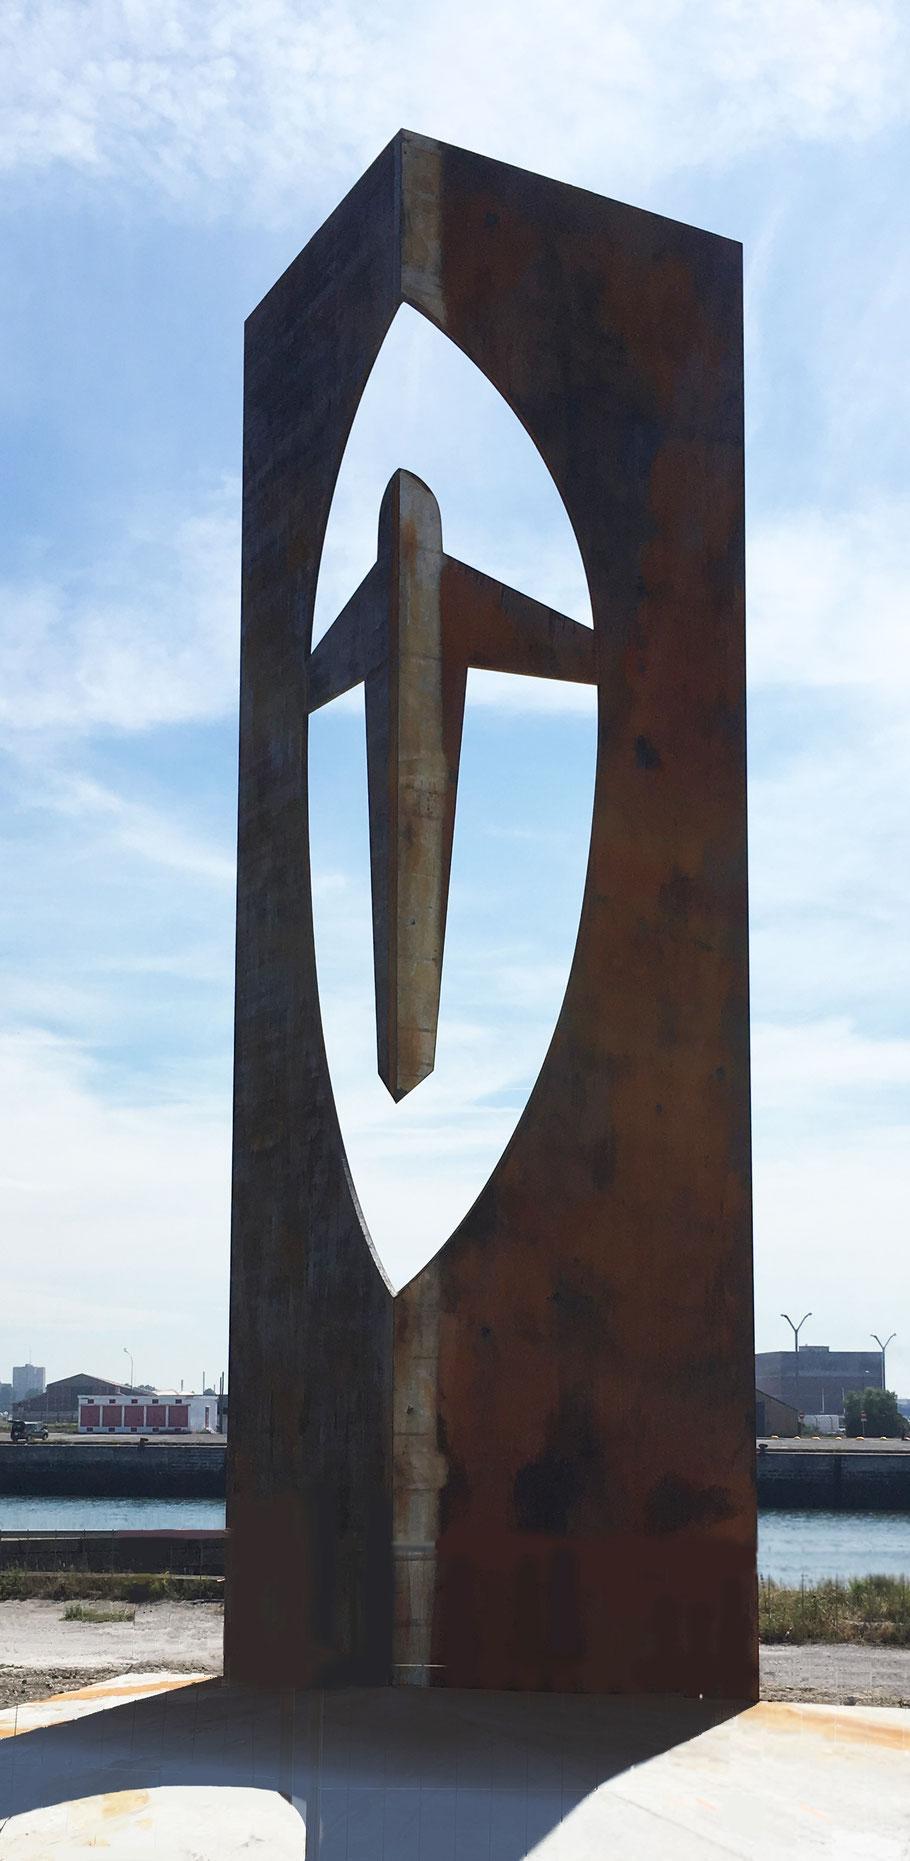 Calvaire des Marins de Dunkerque à la mémoire des marins et des soldats péris en mer ainsi que des ouvriers accidentés du port et de l'industrie, 2017, acier corten et béton, hauteur 11m, poids 22 tonnes